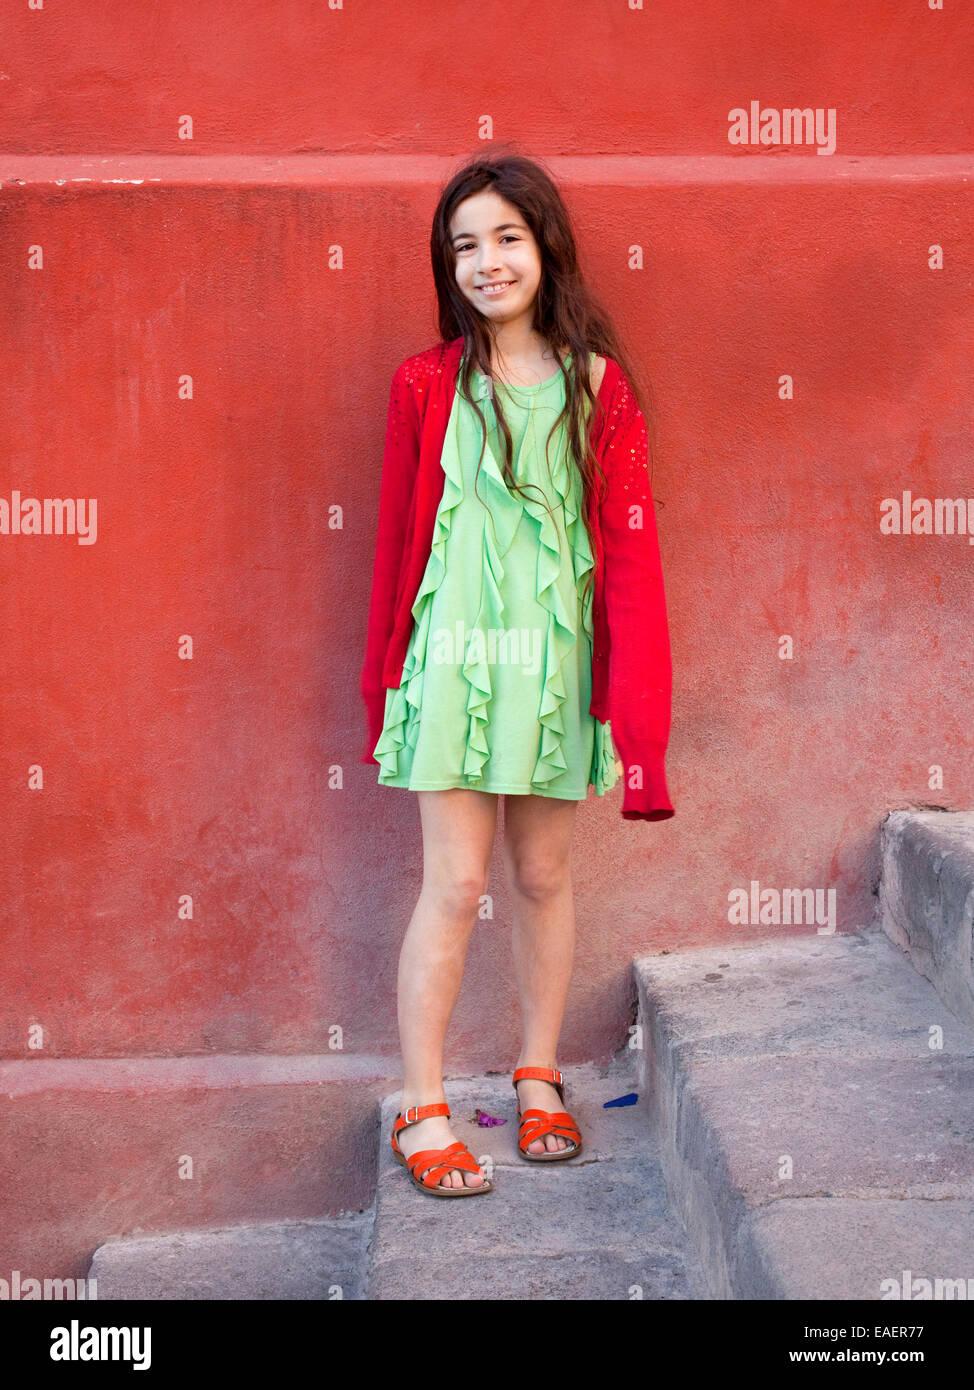 Portrait de jeune fille habillée de couleurs vives Photo Stock